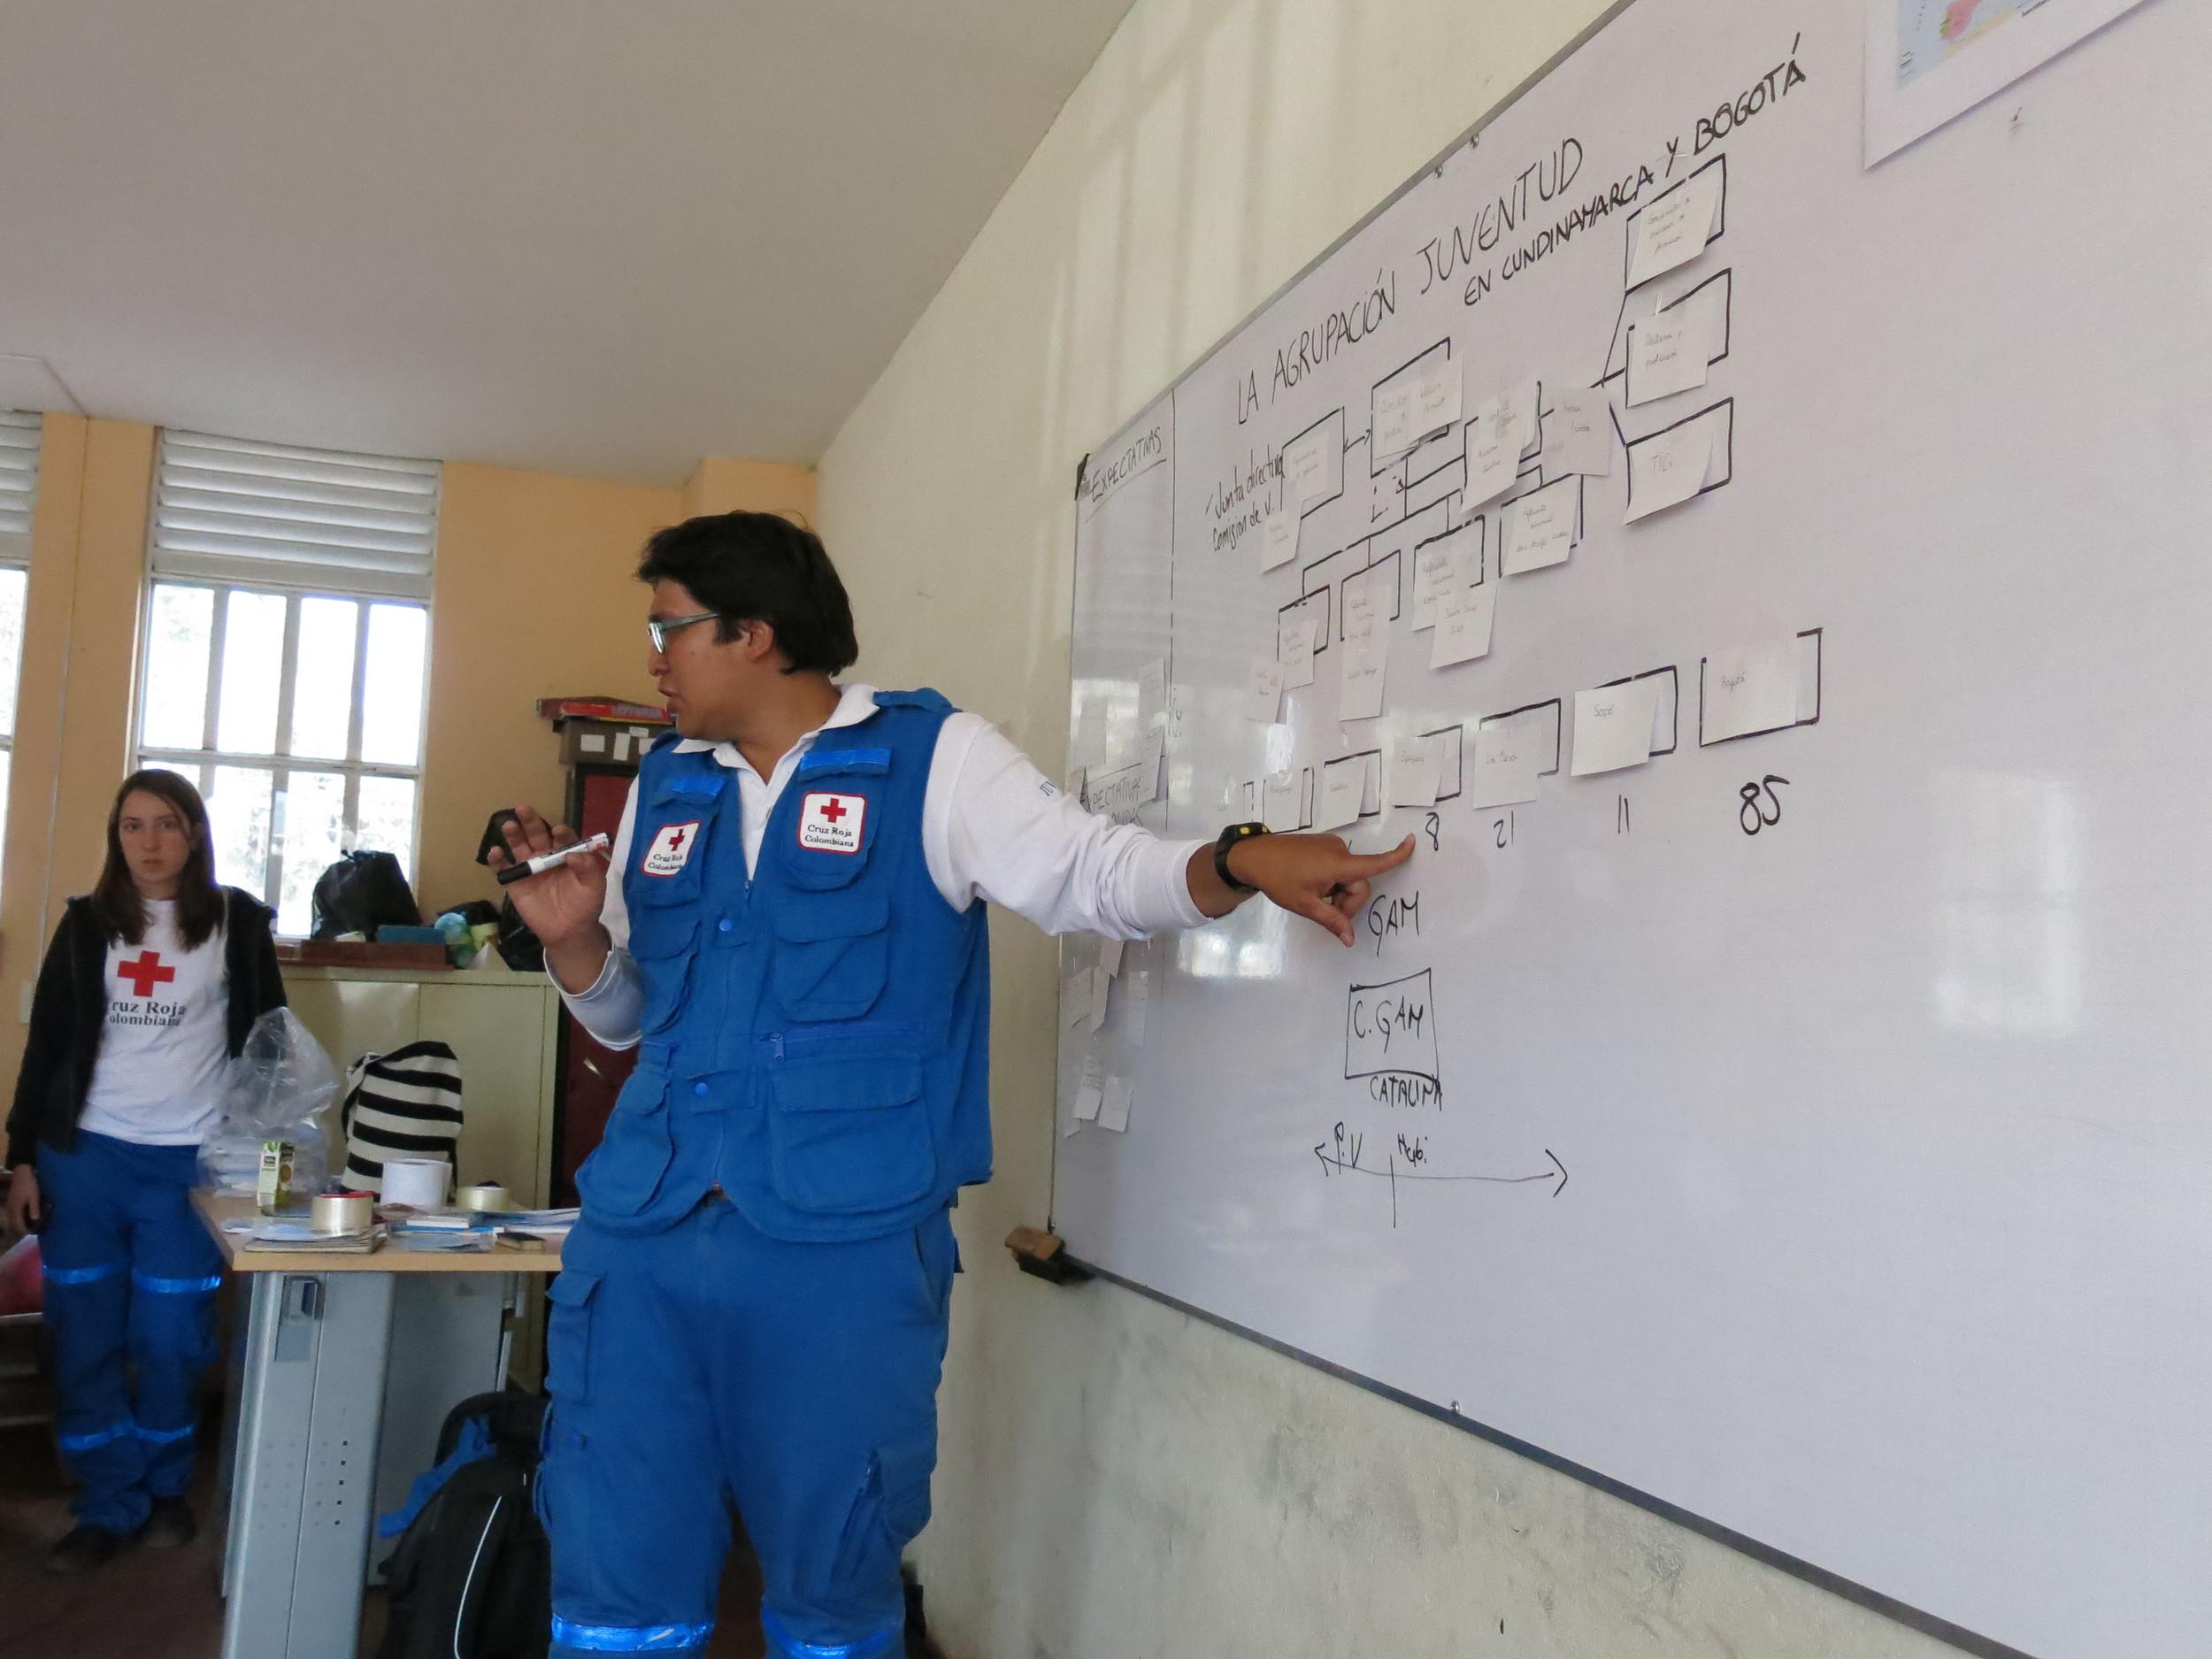 Willian Amado, Director de Gestión de la Agrupación de Juventud, explicando la estructura de la Agrupación // Willian Amado, Youth Director, explaining the organizational structure of the Youth Group